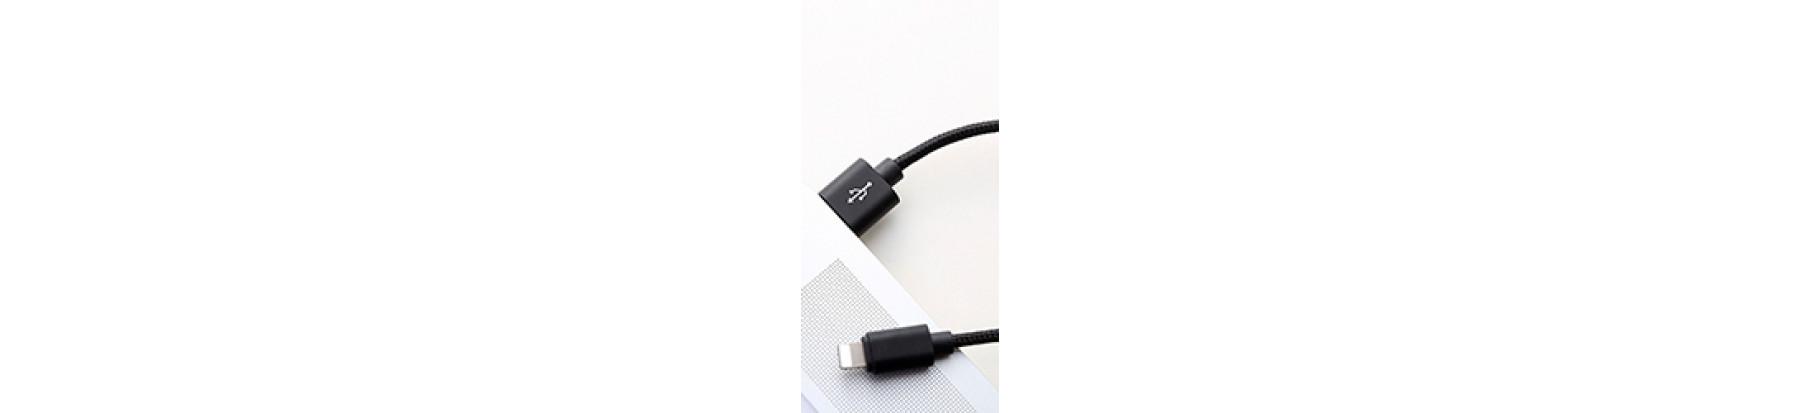 Телефонные кабели / блоки питания